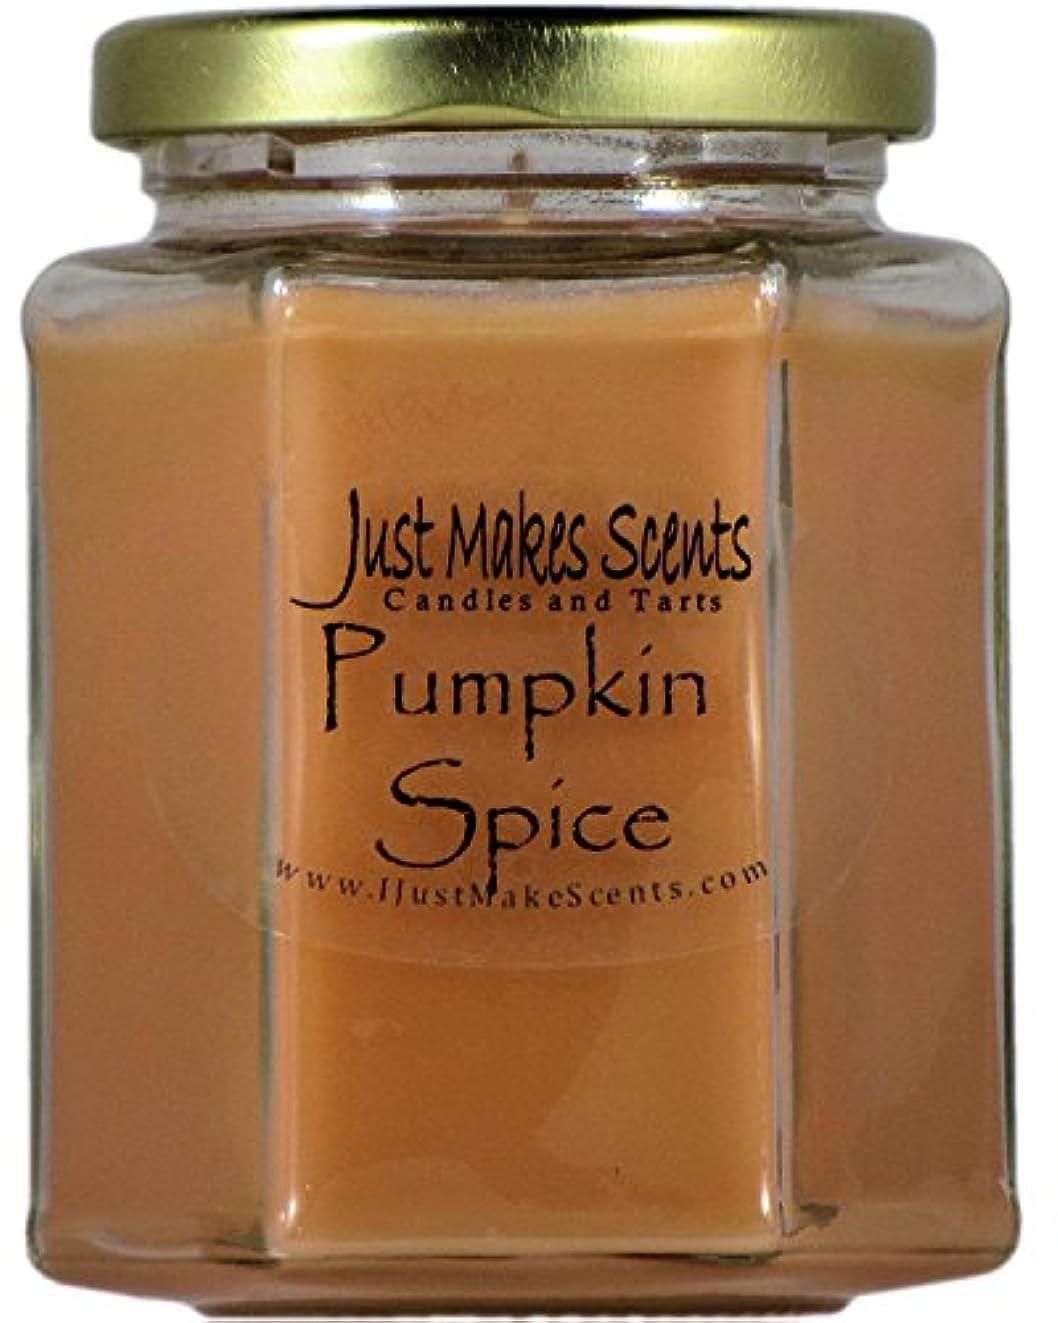 推進力対角線行くPumpkin Spice香りつきBlended Soy Candle | Great Smelling Fall Fragrance |手Poured in the USA by Just Makes Scents